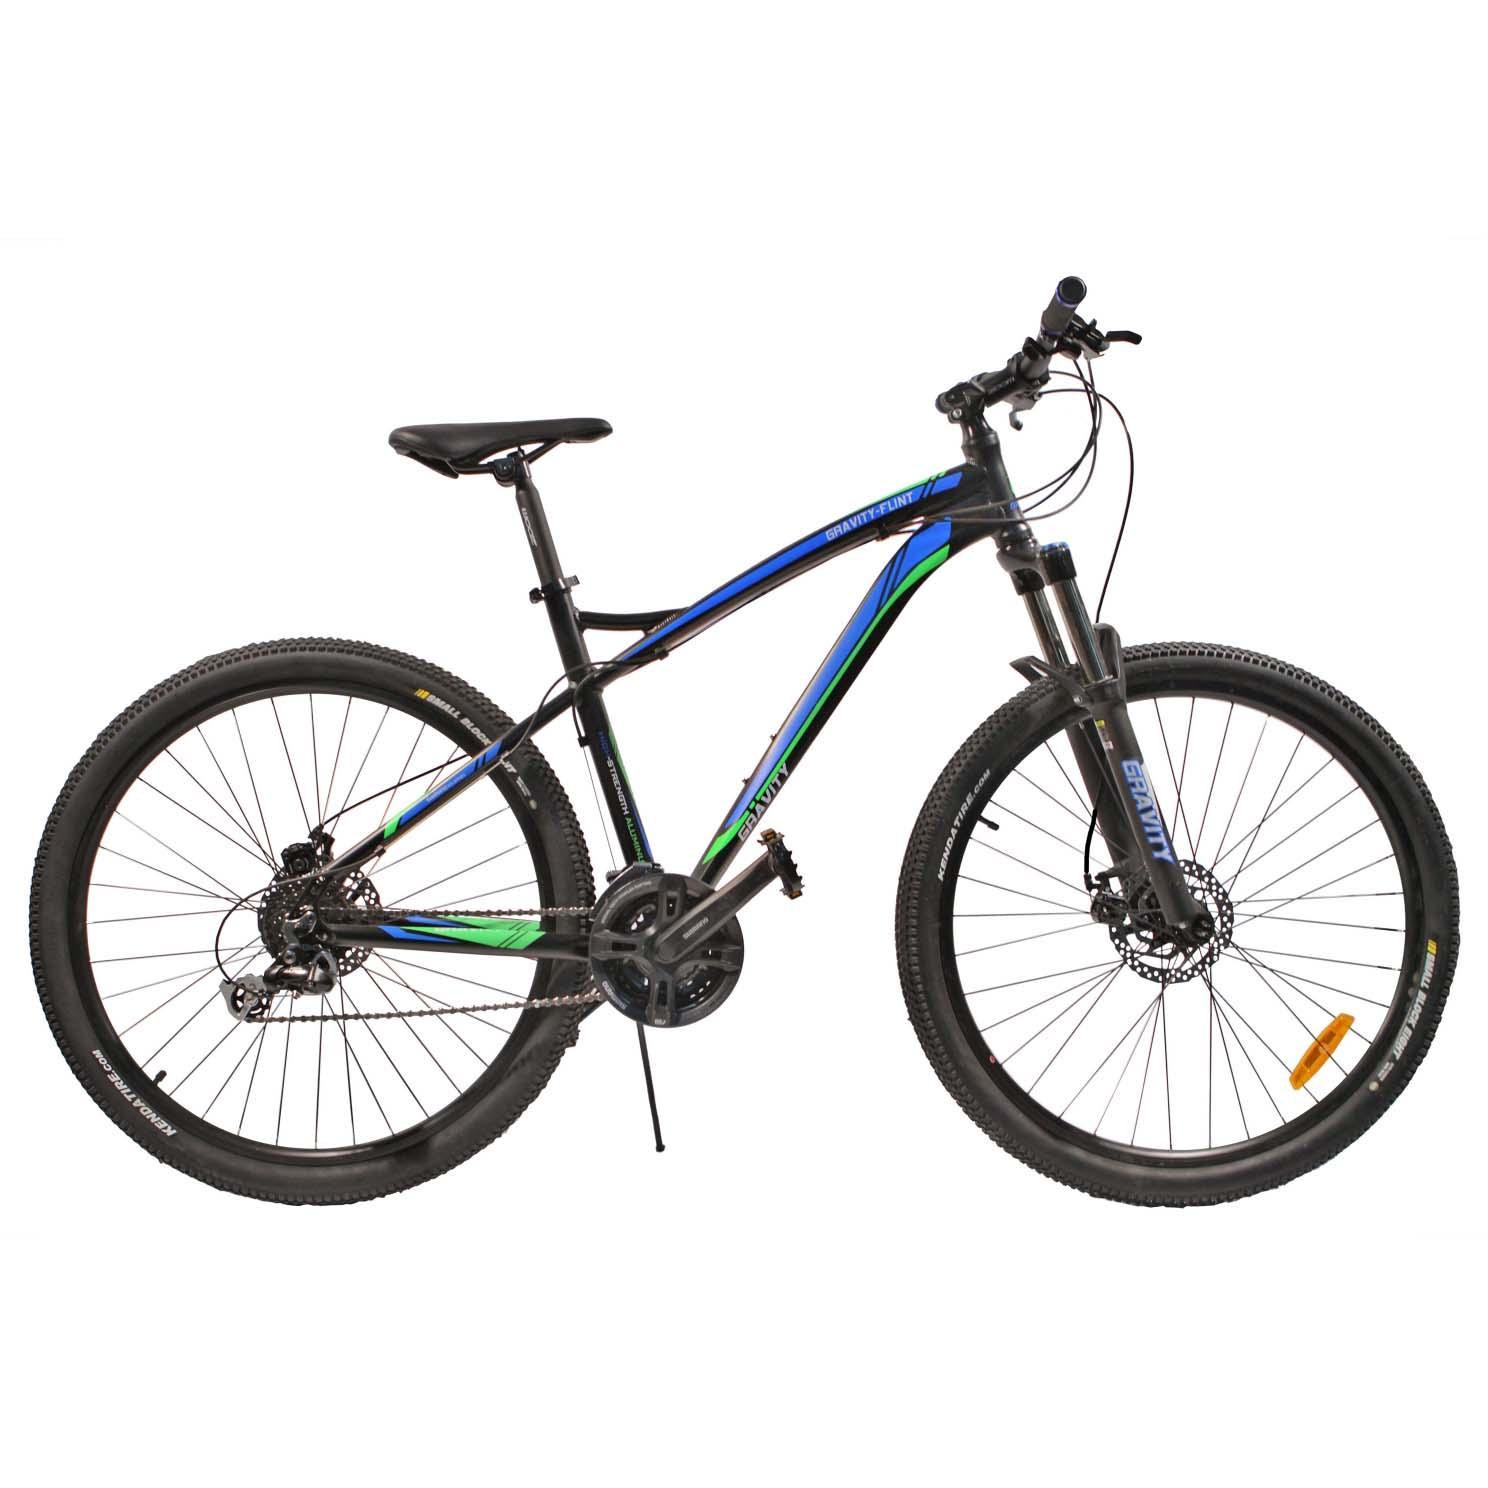 """Велосипед Gravity 27,5"""" FLINT 24 скор. алюм.рама 19"""" диск.торм. черно-синий (7402) УЦЕНКА!!! 270917"""